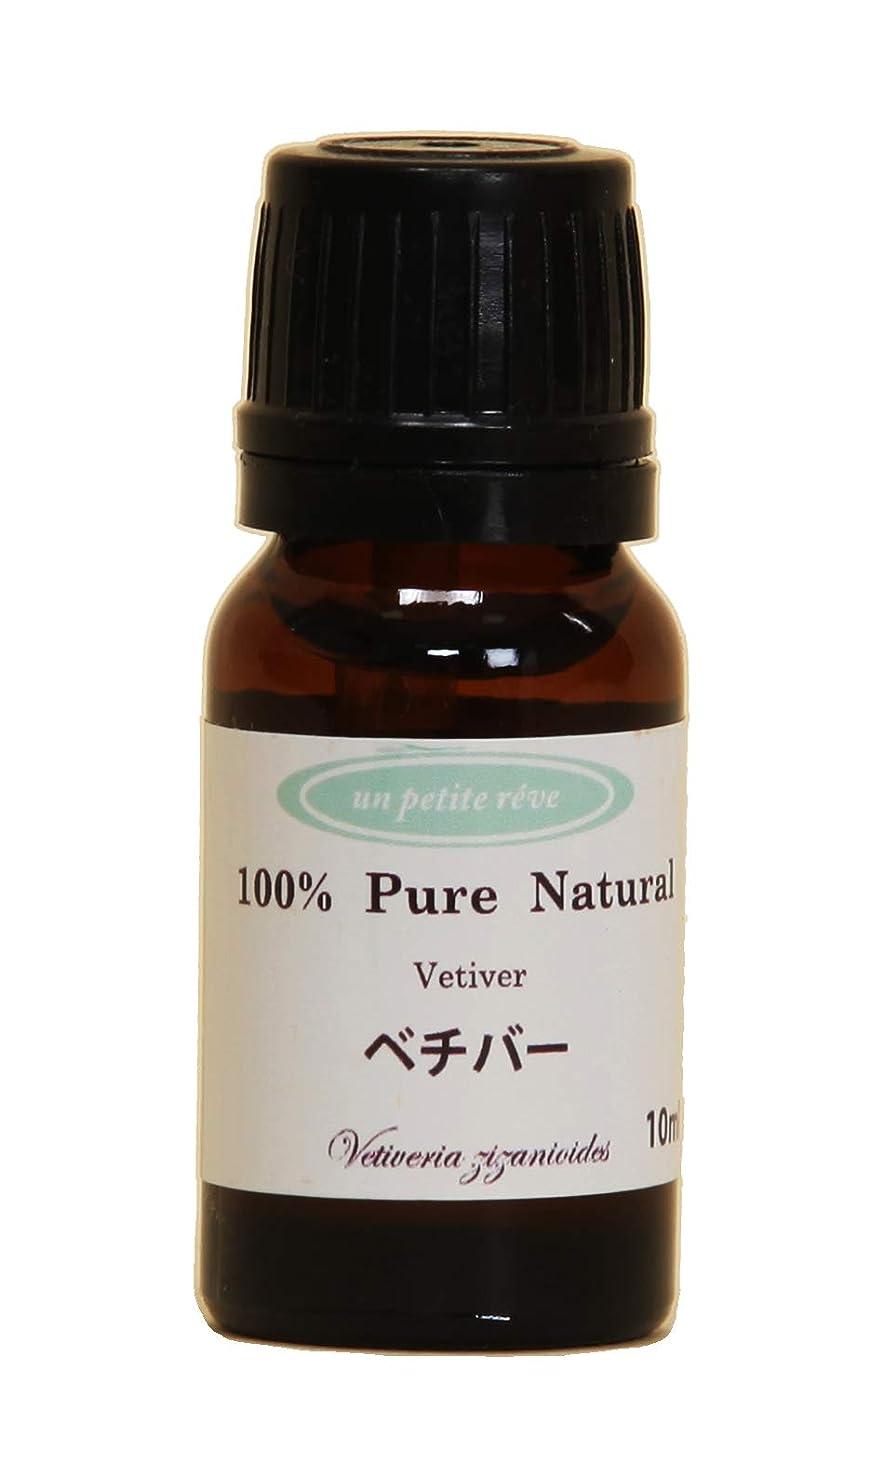 願望アルカトラズ島海藻ベチバー 10ml 100%天然アロマエッセンシャルオイル(精油)